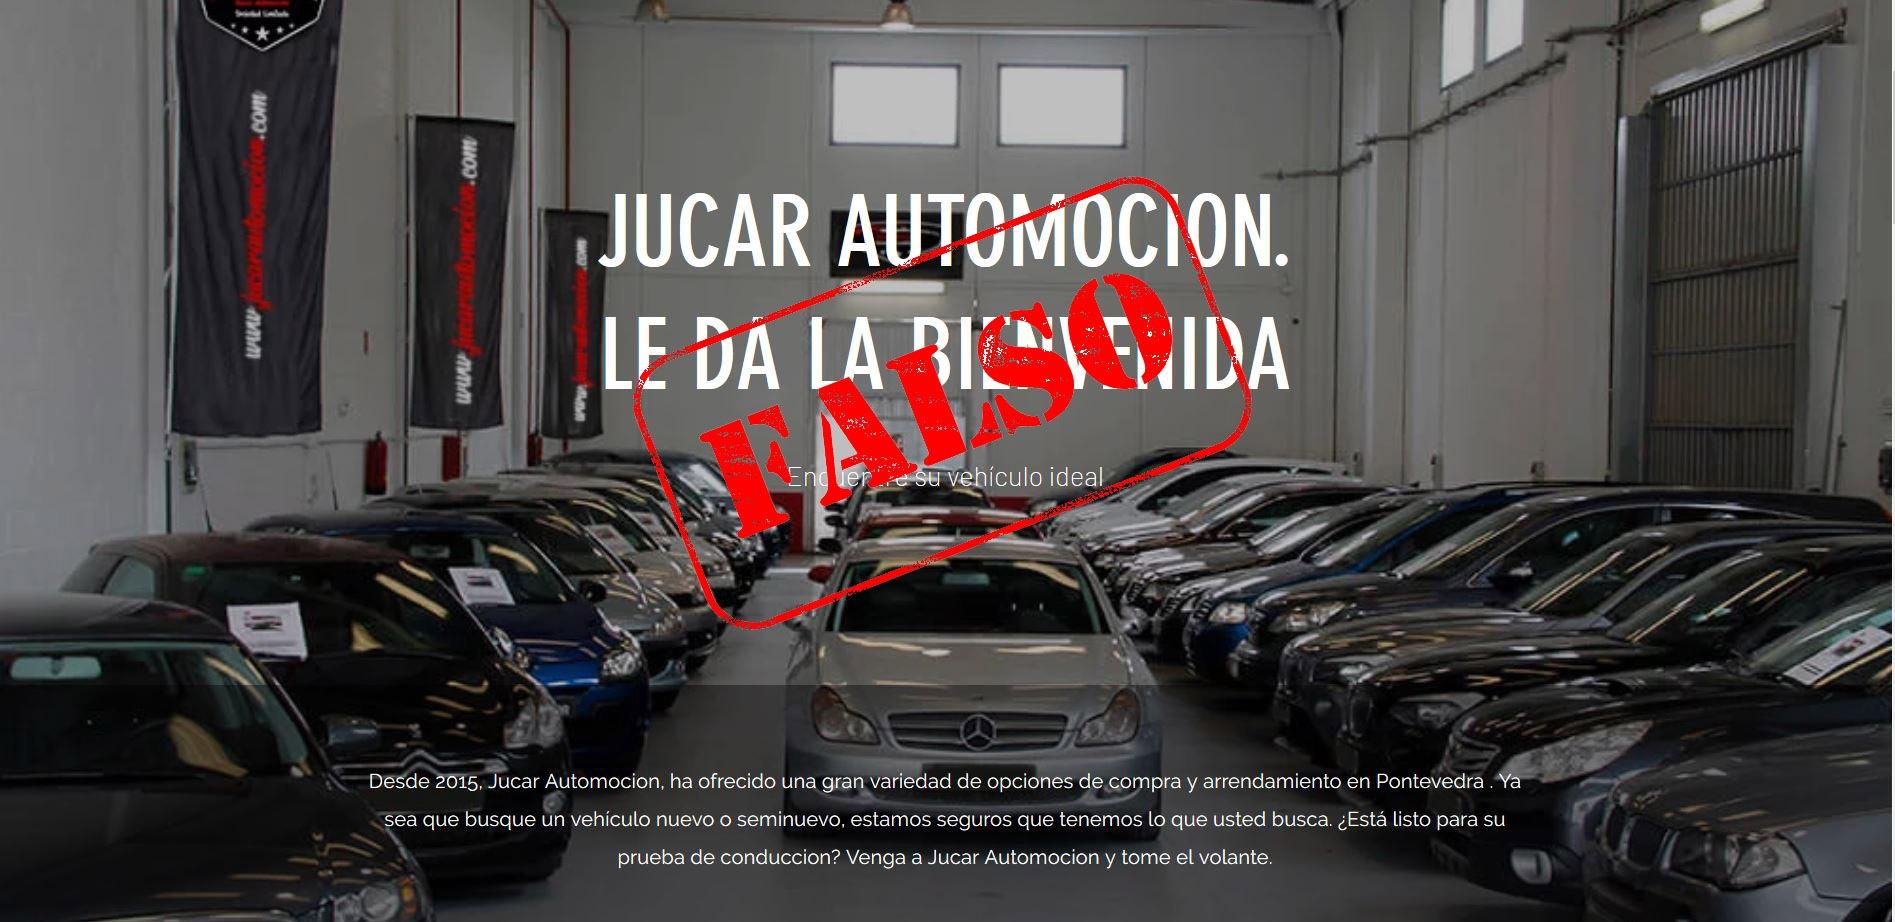 Exclusiva: La estafa escandinava, destapamos una red fraudulenta de vehículos de ocasión